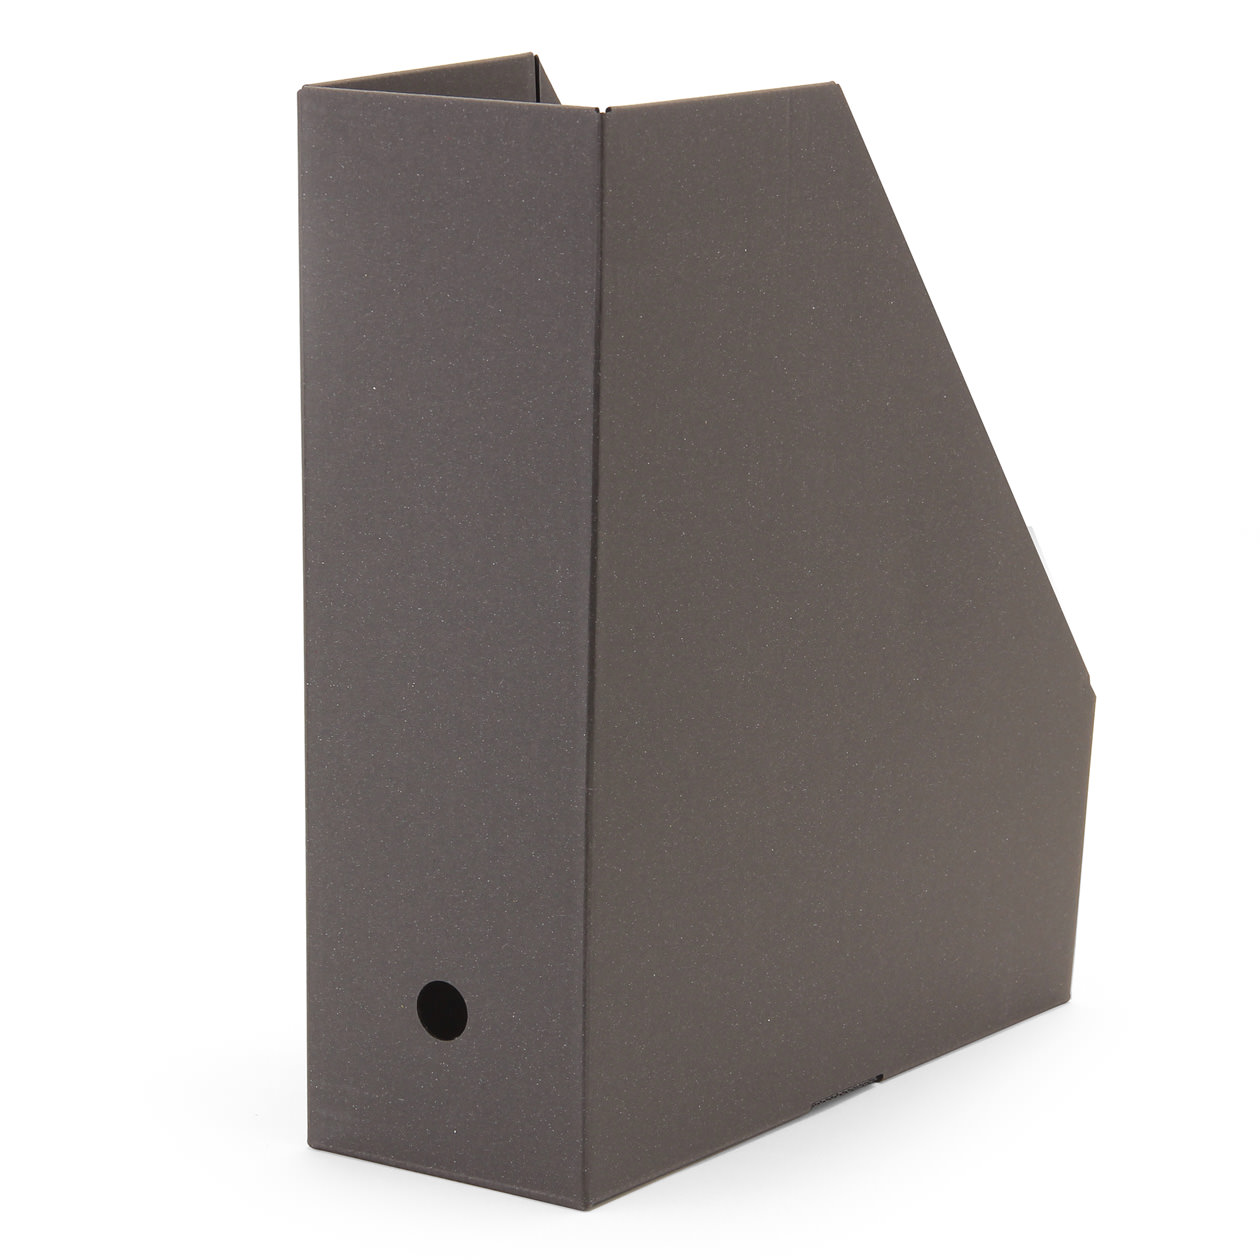 ワンタッチで組み立てられるダンボールスタンドファイルボックス A4用・5枚組・ダークグレー